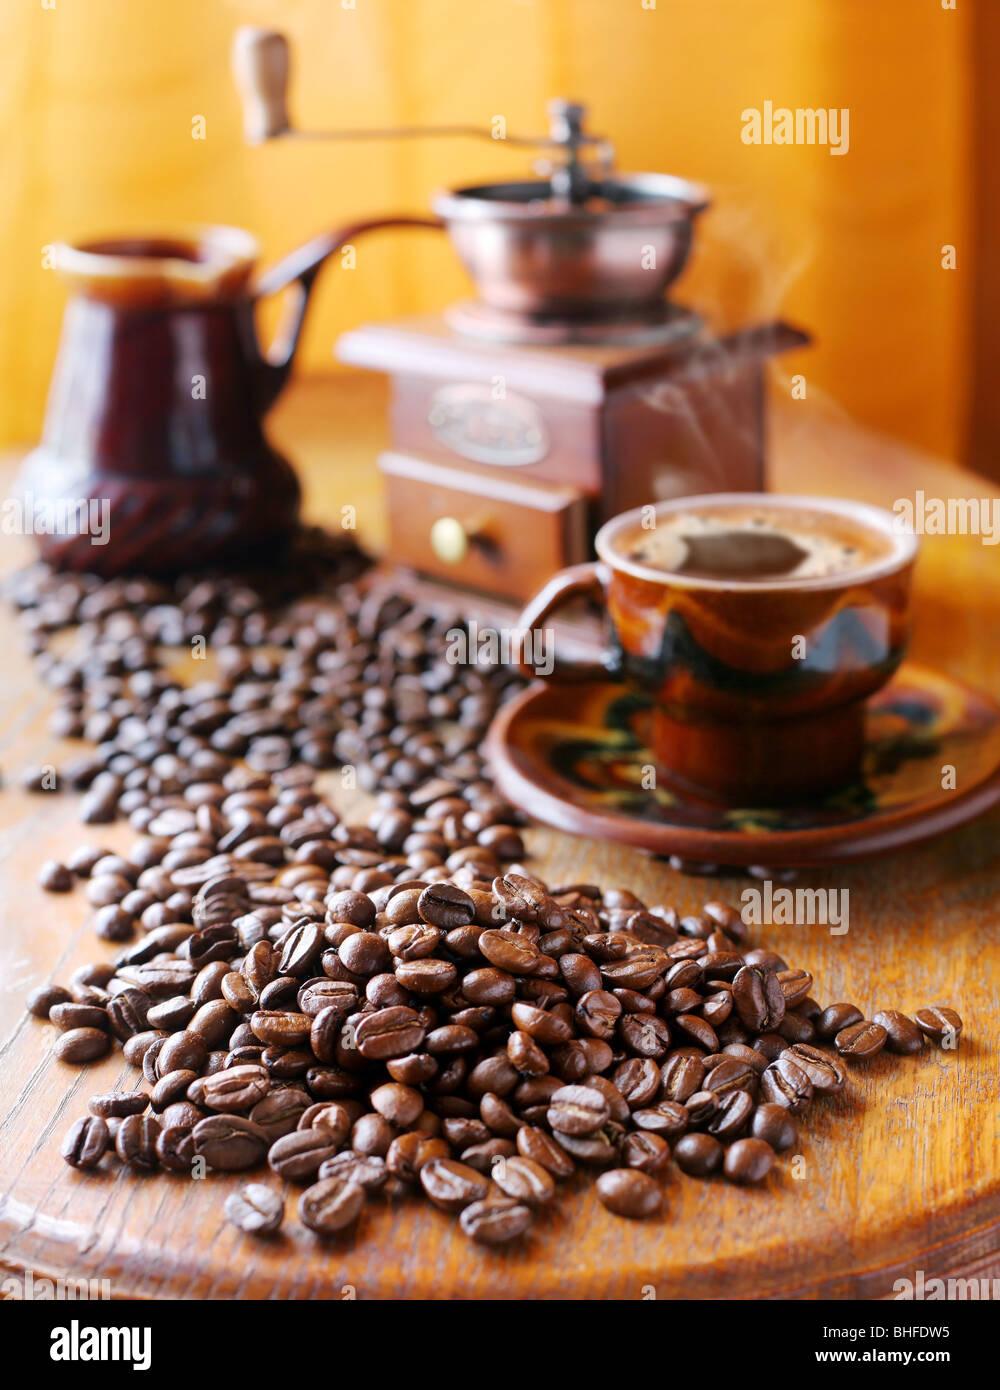 Stillleben mit Kaffeebohnen und Zubehör Stockbild